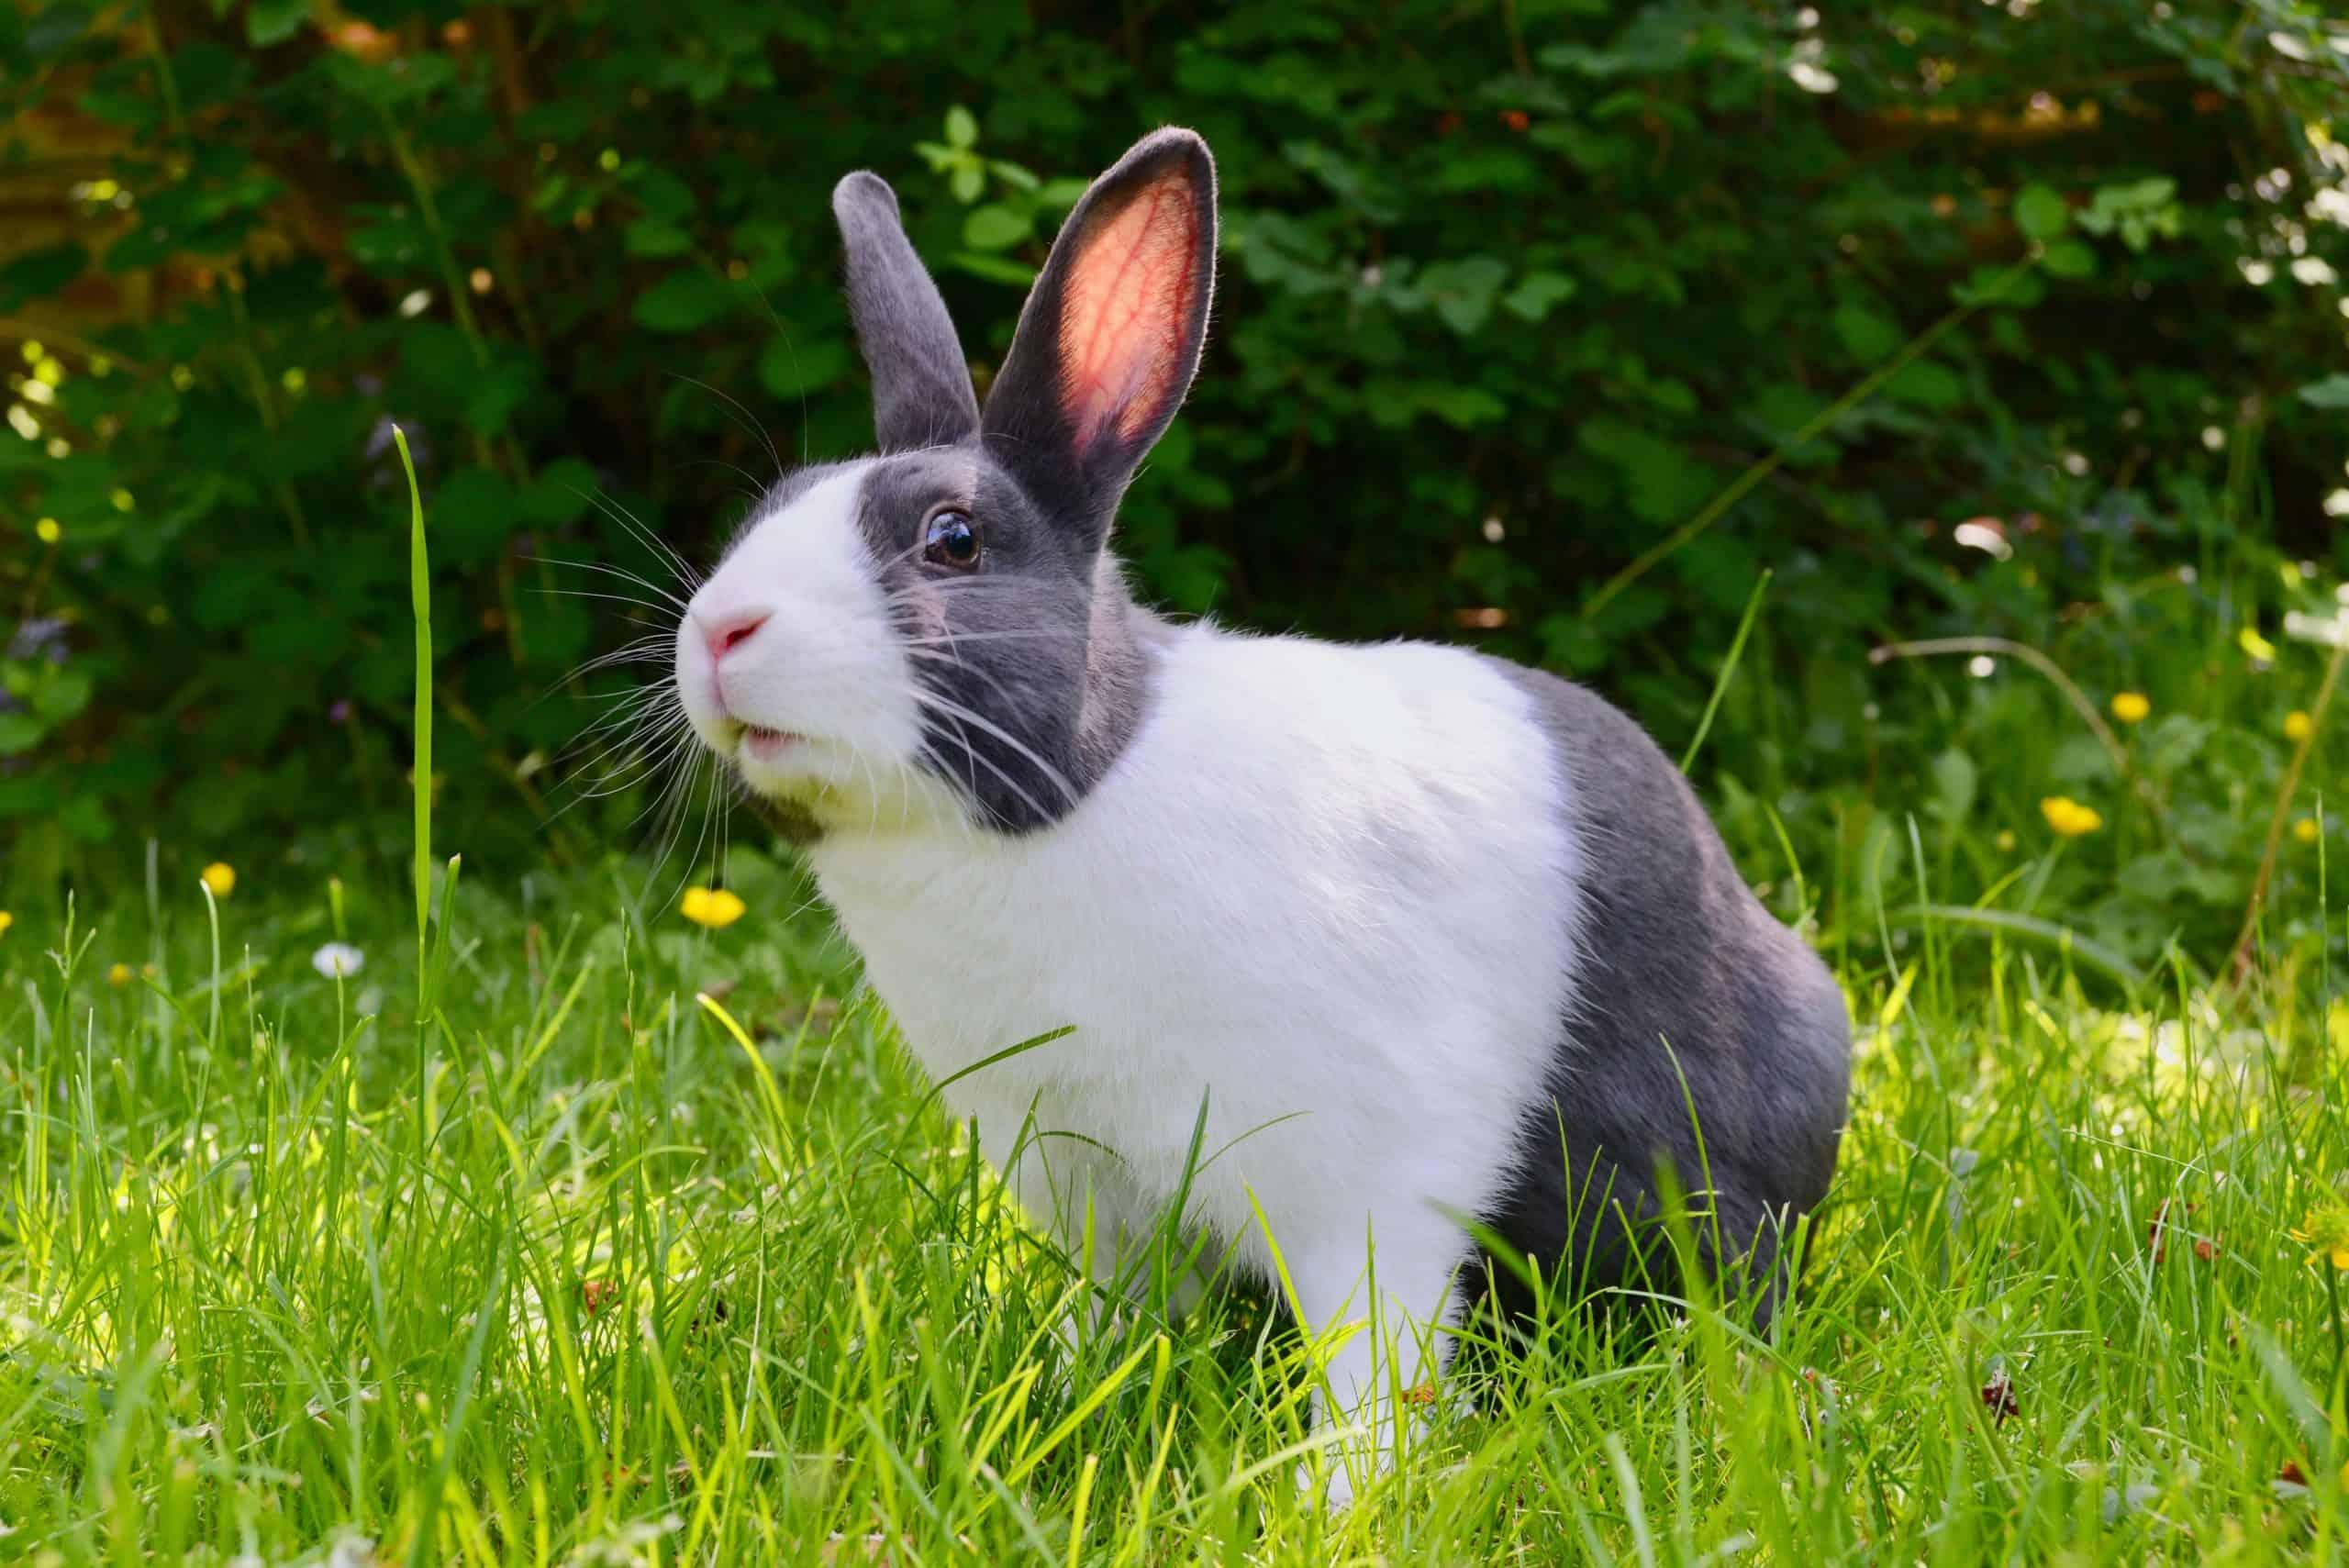 white and grey rabbit